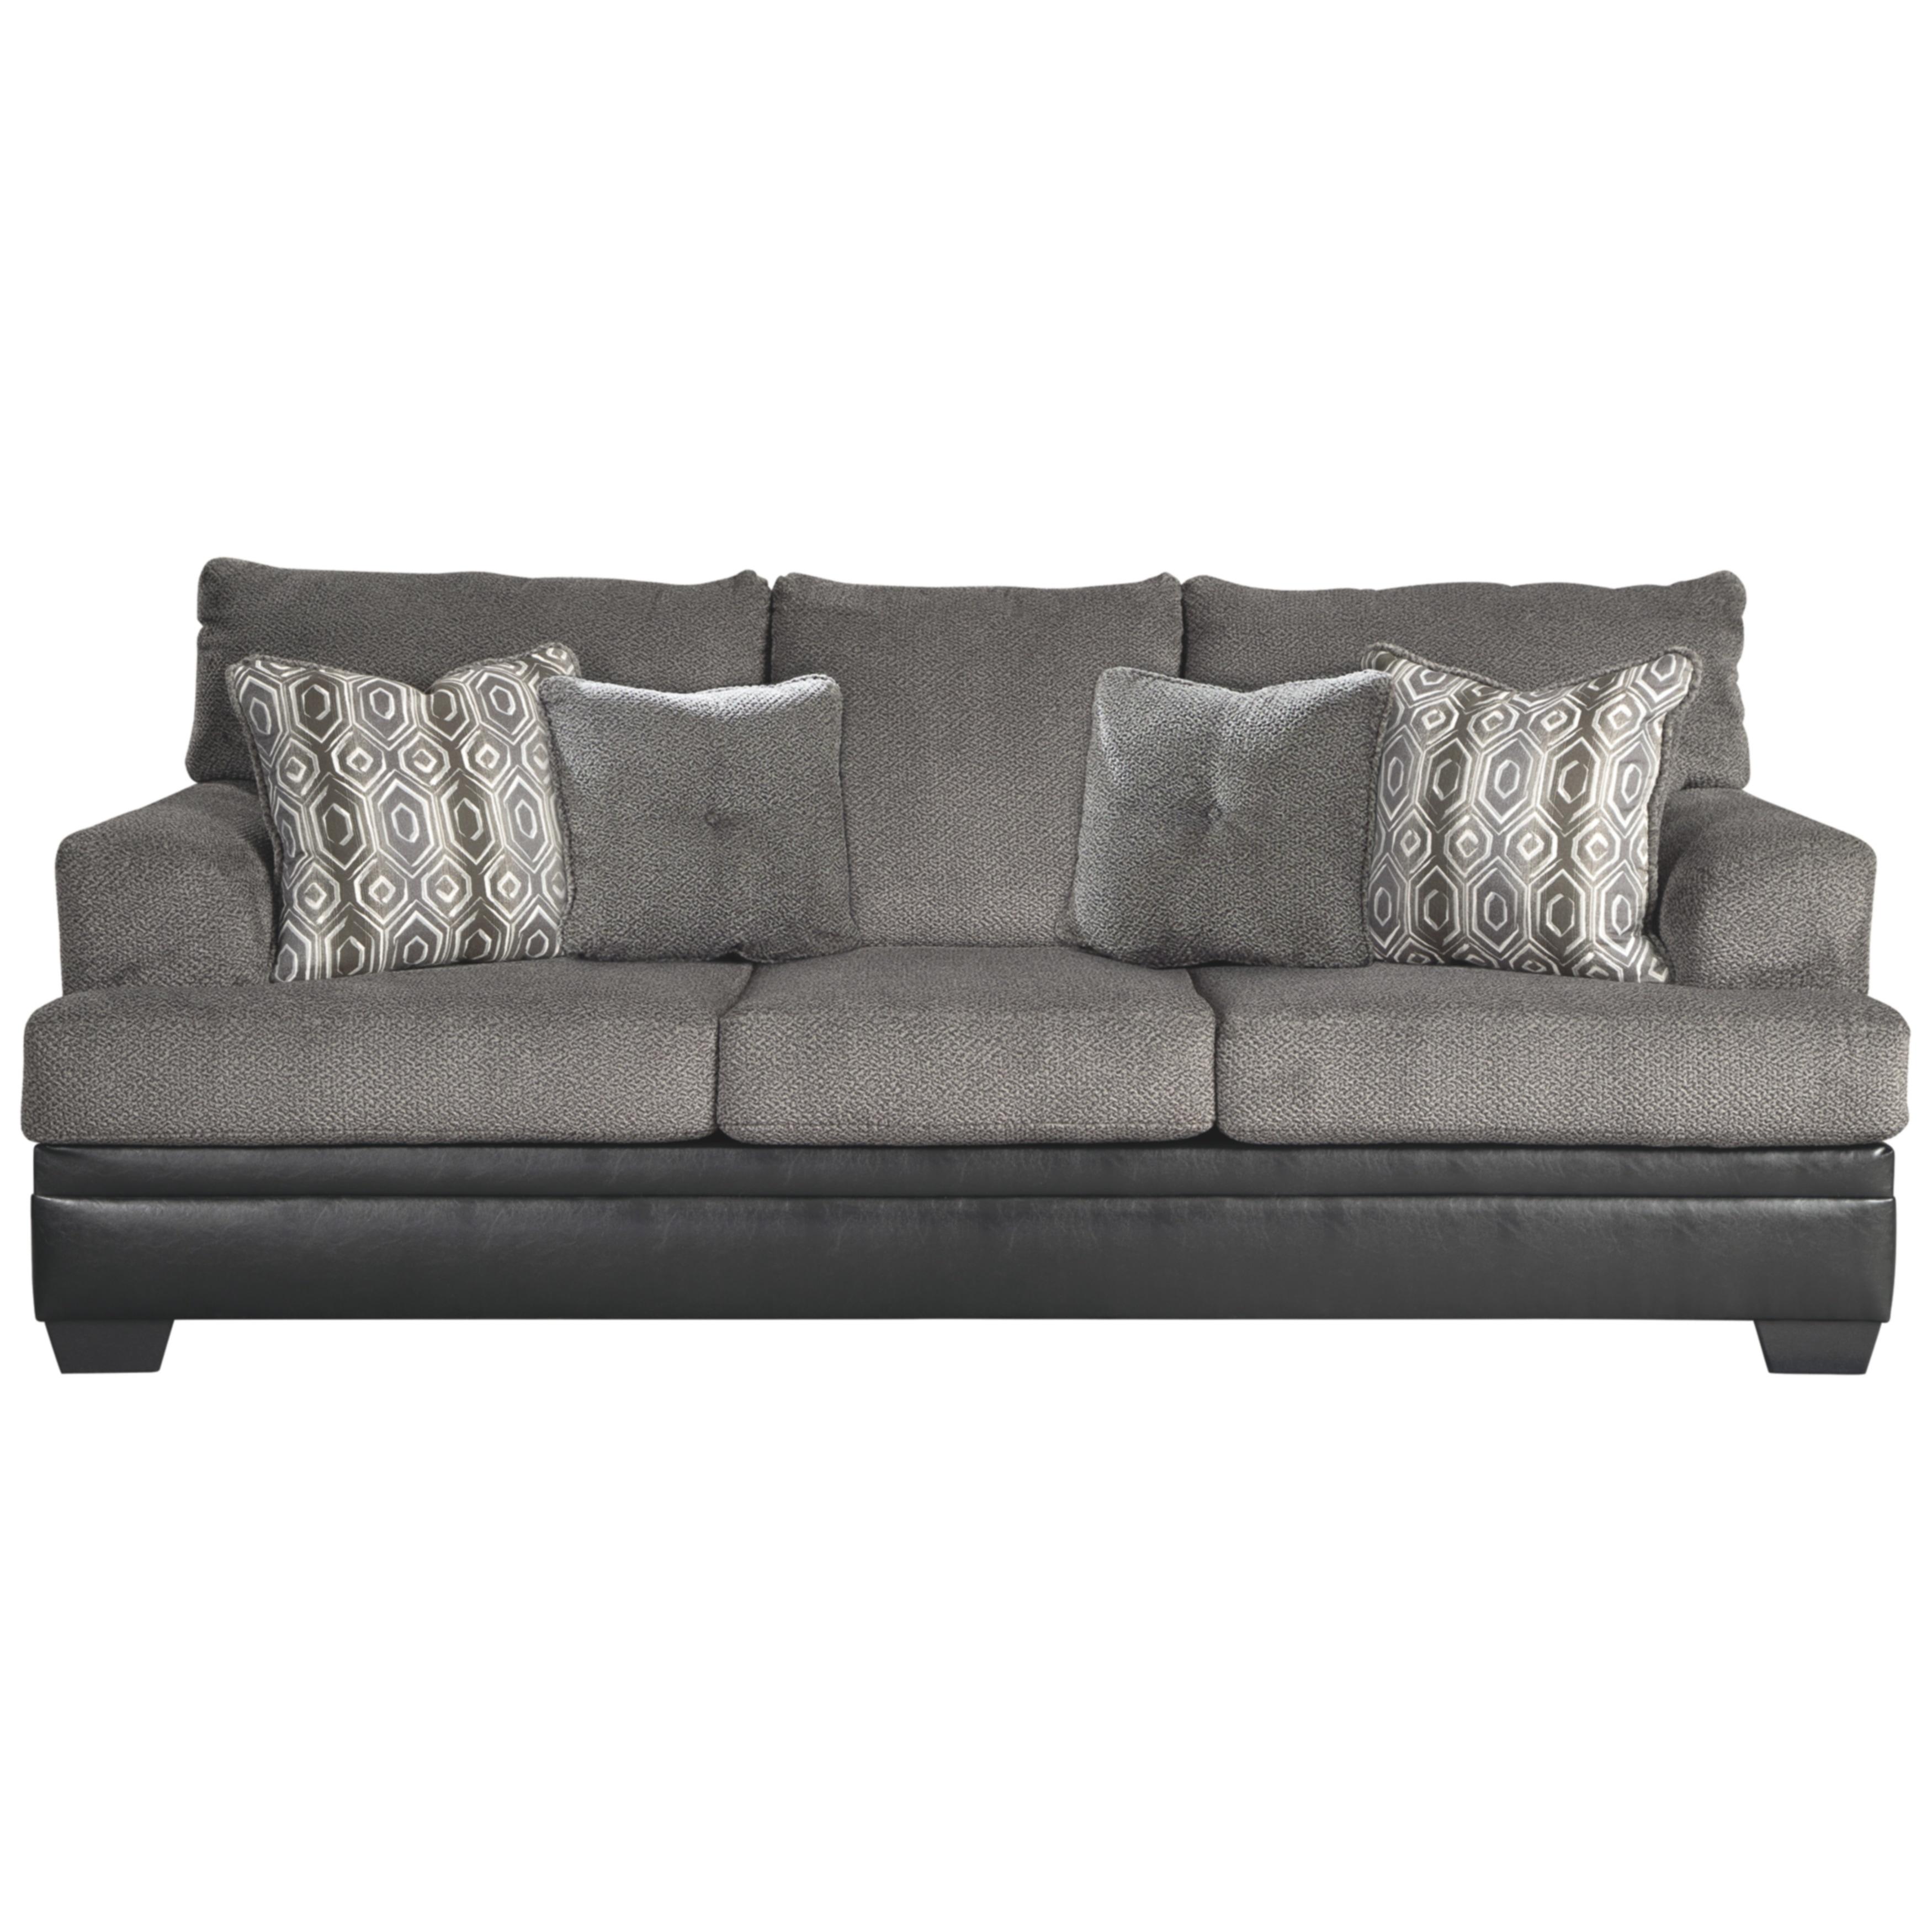 buy sleeper sofa online at overstock our best living room rh overstock com bob's discount furniture sleeper sofa clearance sleeper sofa